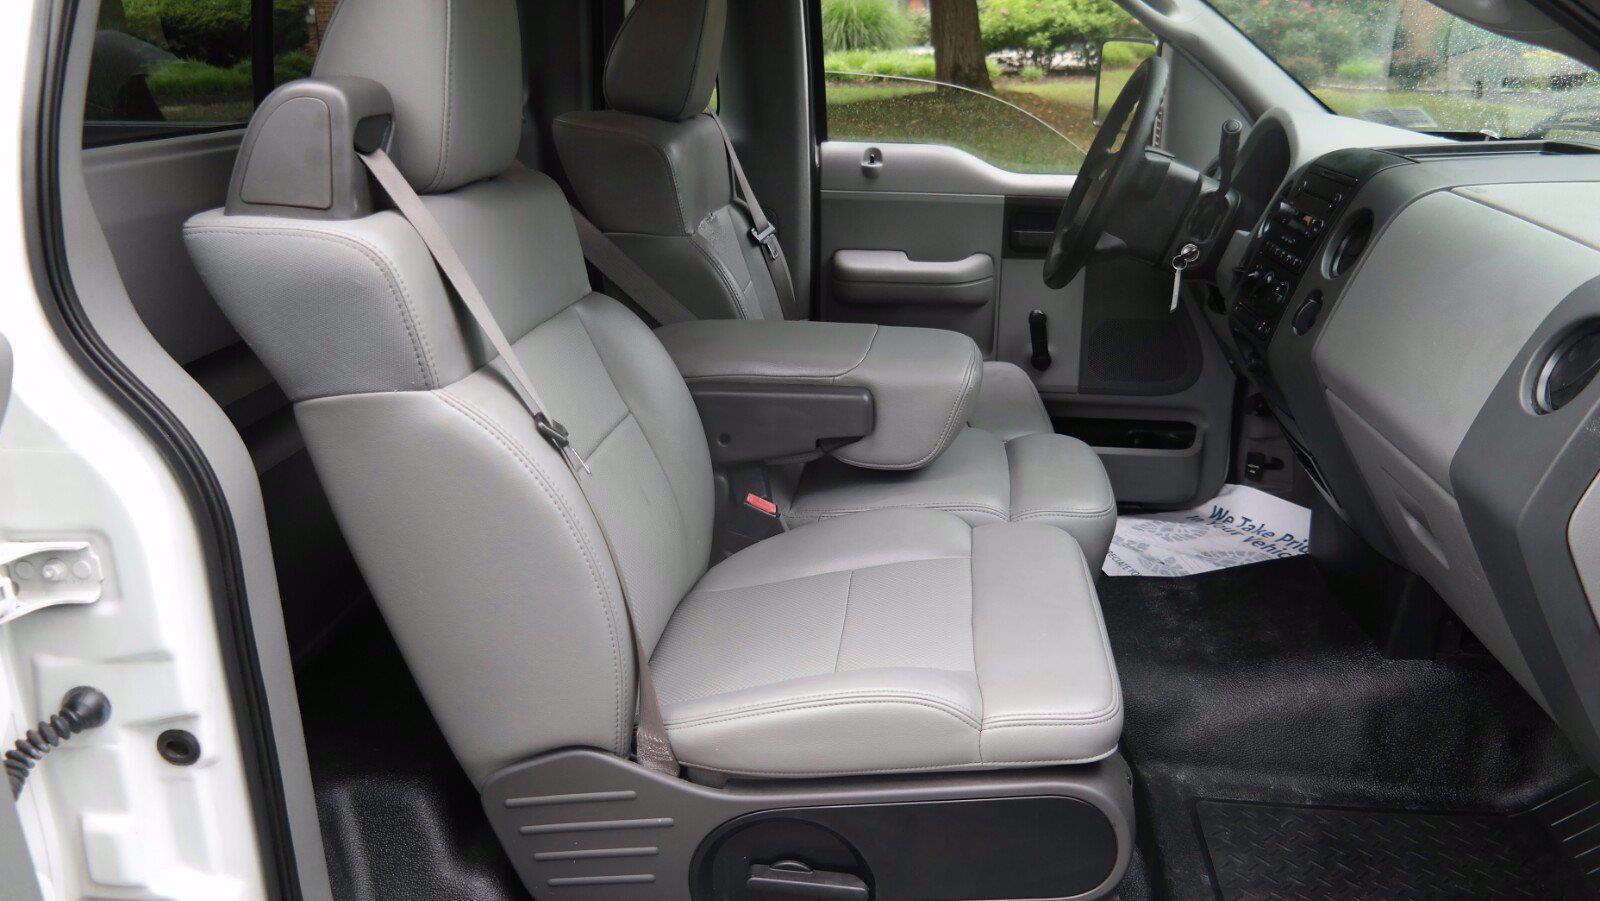 2006 Ford F-150 Regular Cab 4x2, Pickup #FL103831 - photo 7